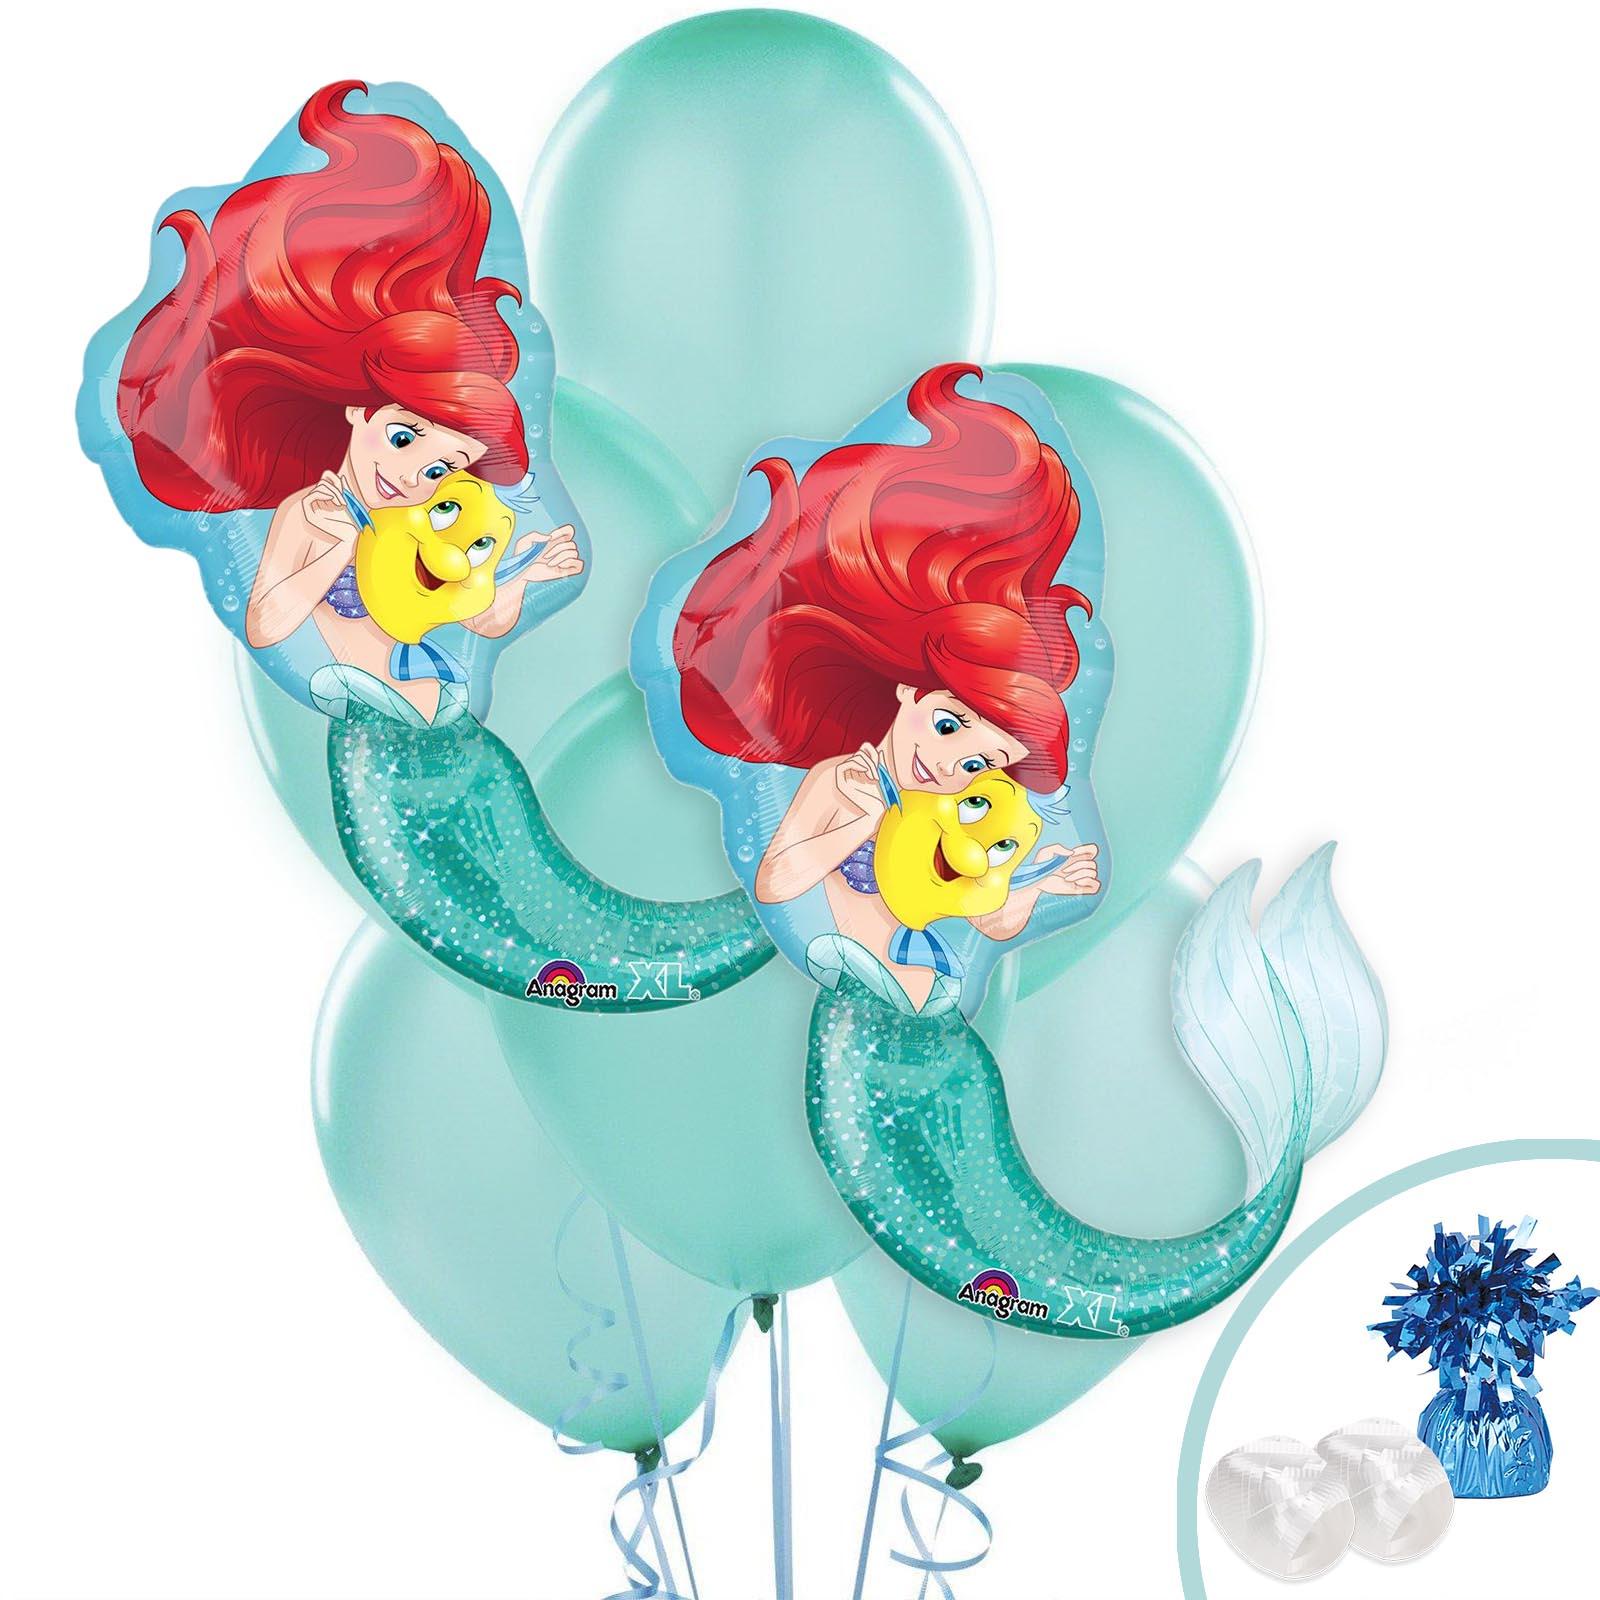 Little Mermaid Jumbo Balloon Kit